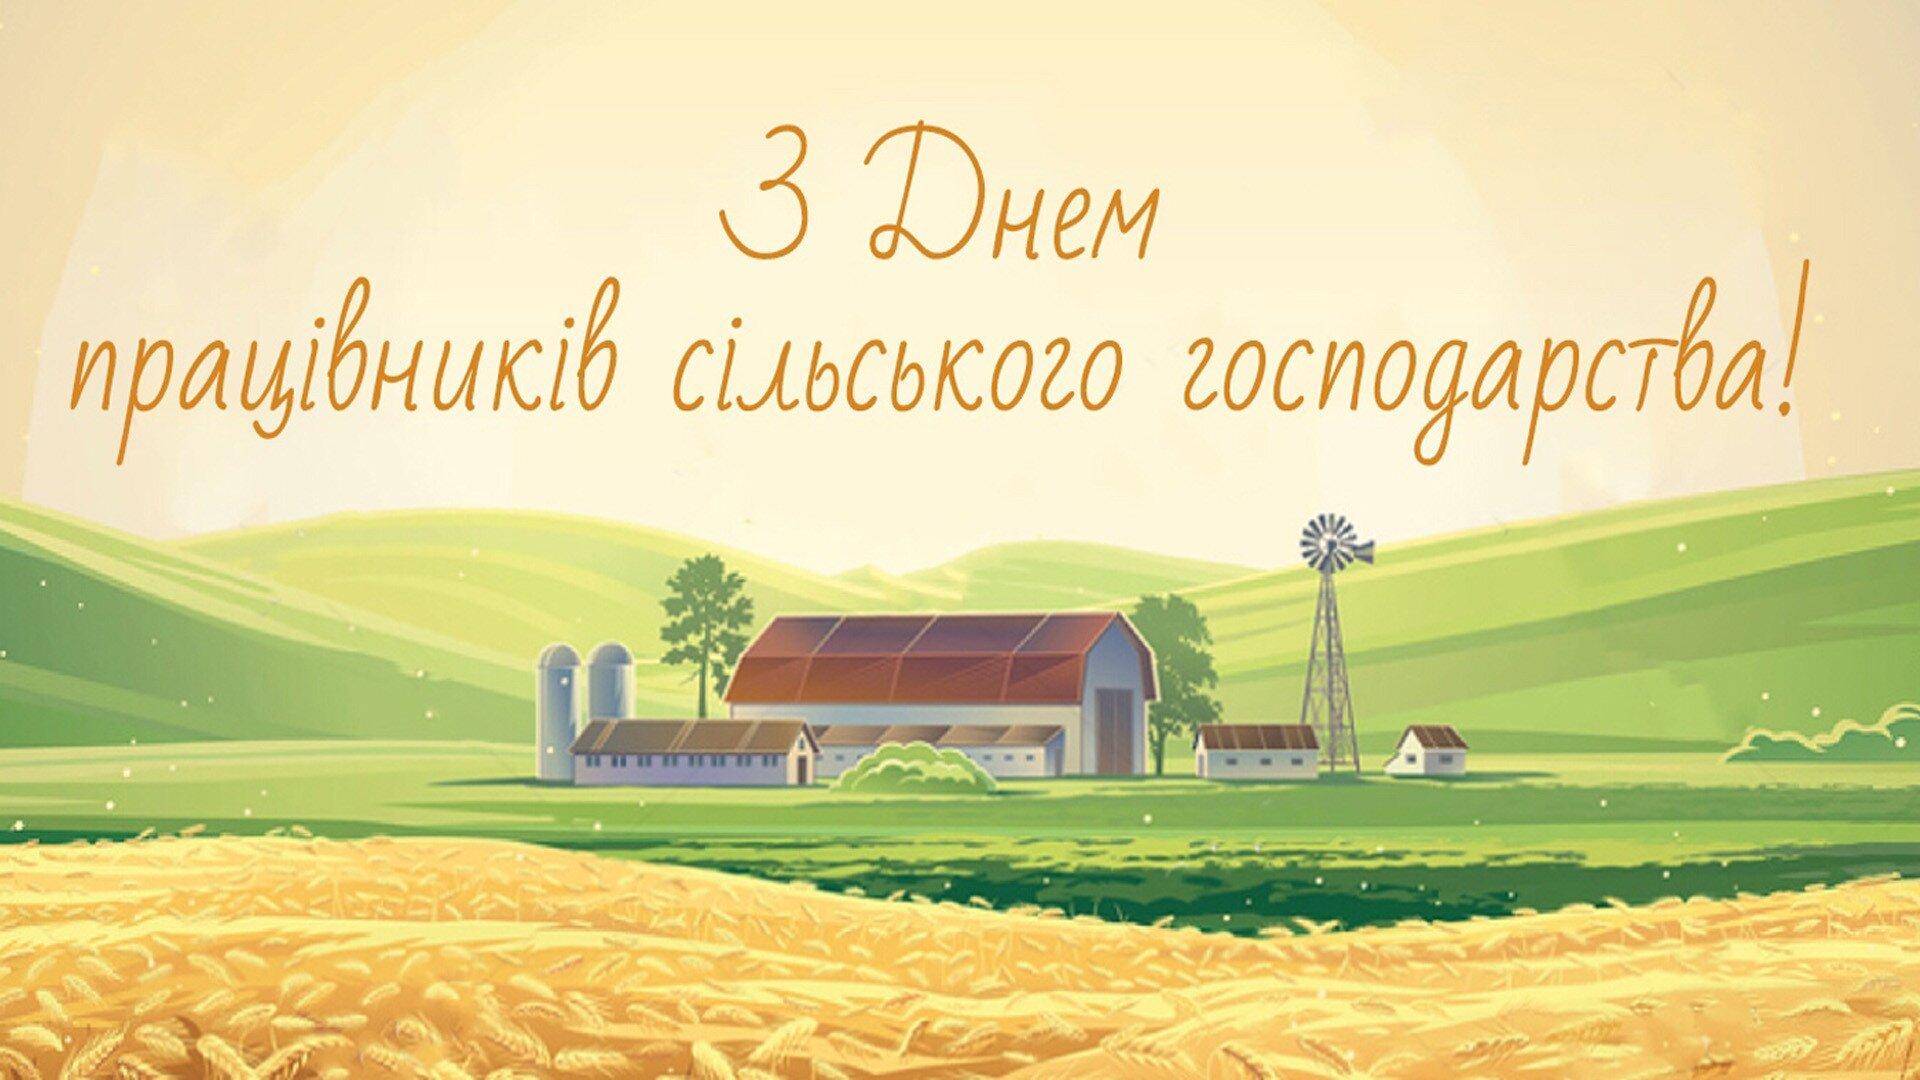 З днем робітника сільського господарства